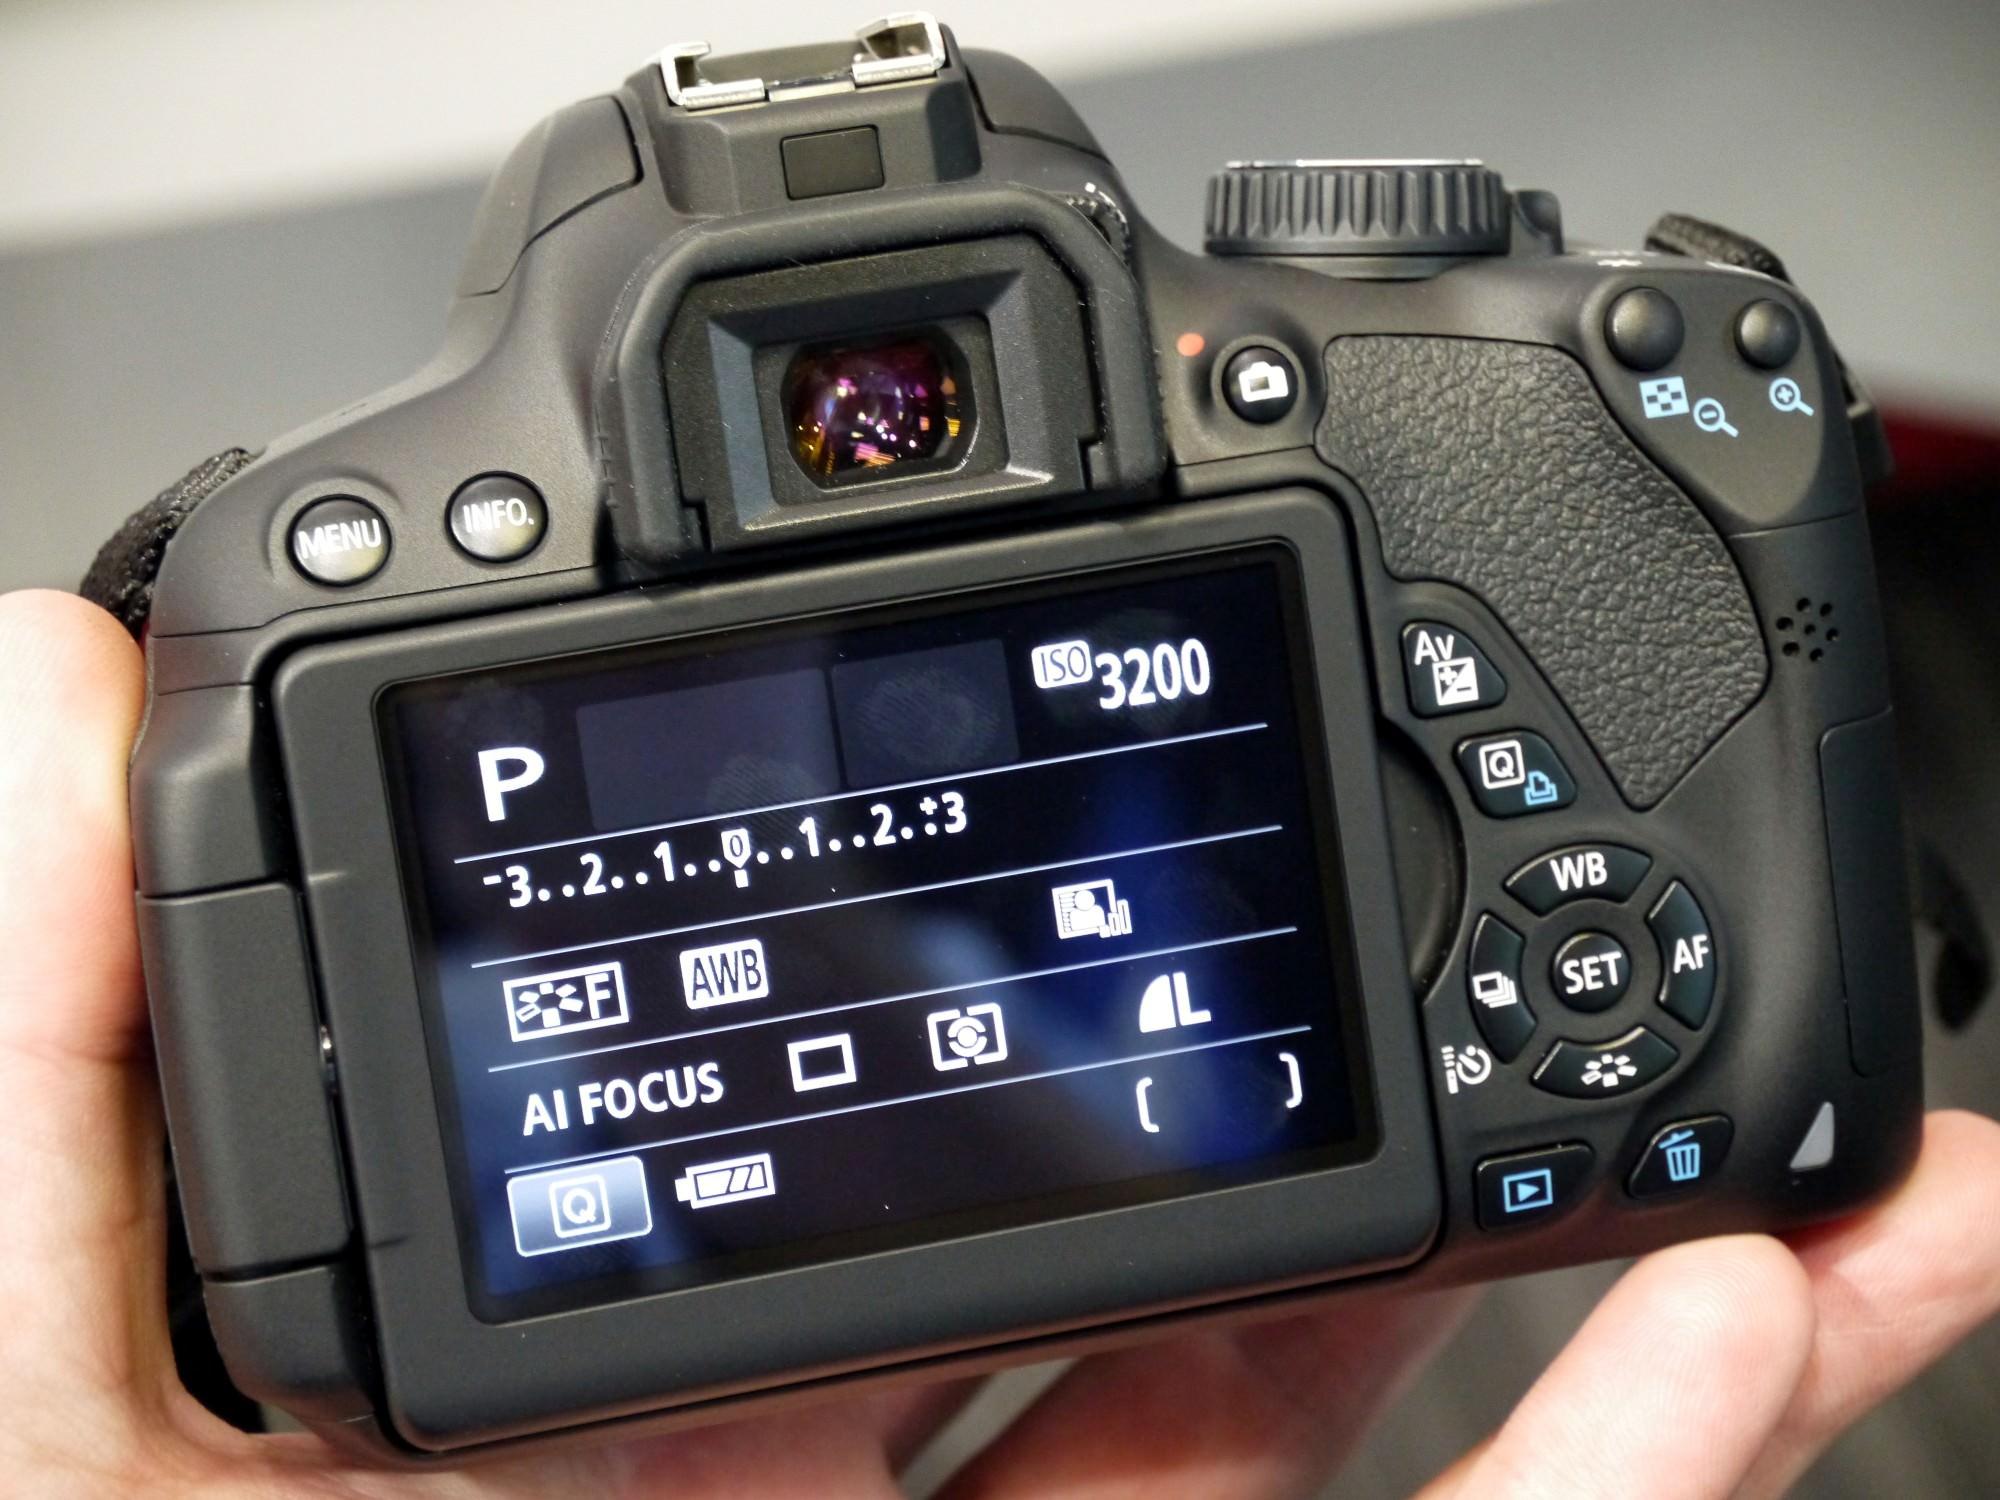 Canon Eos 650d Hands On (1) (Custom)